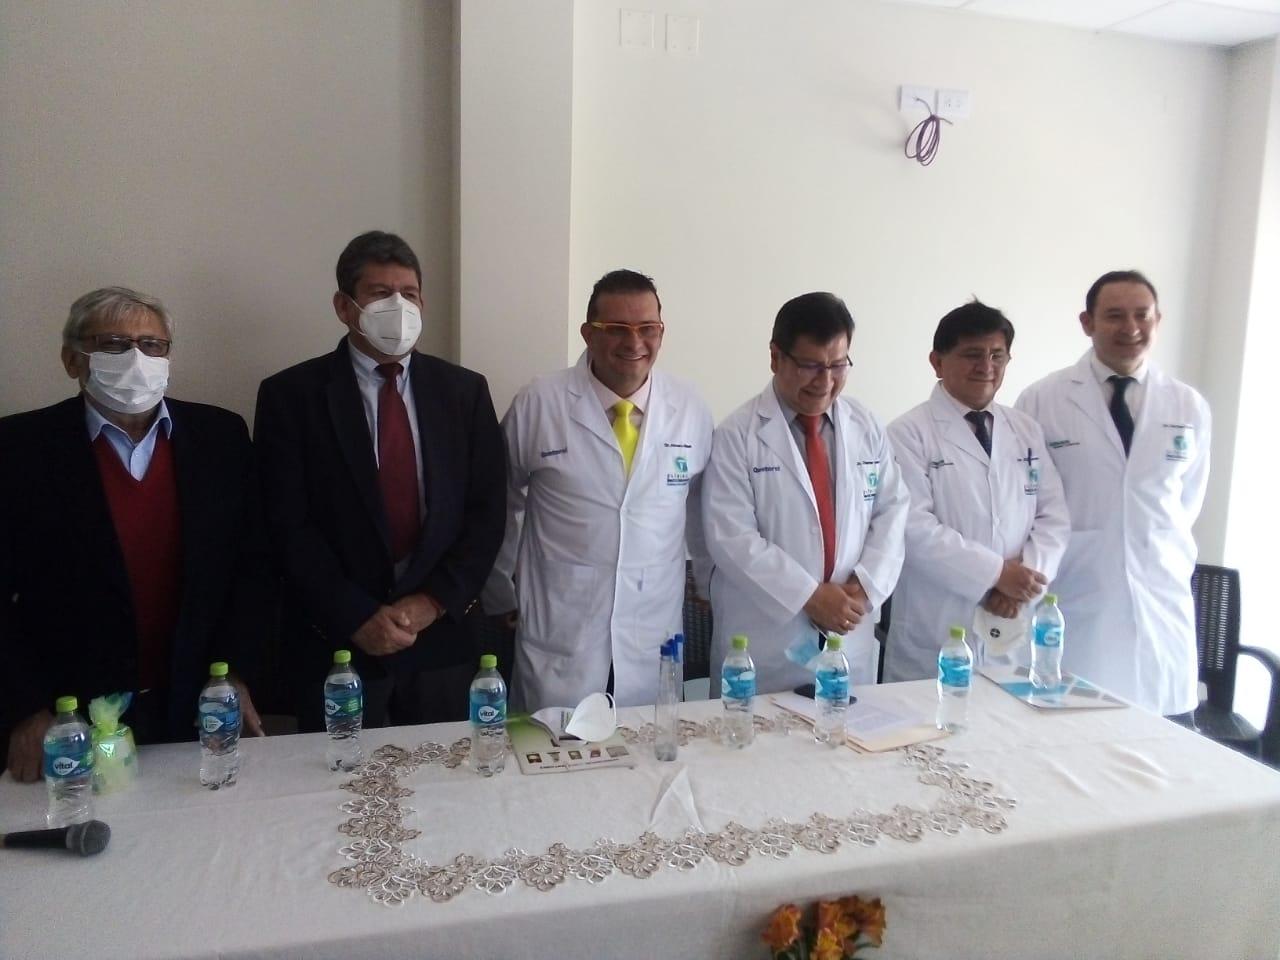 Innovación y tecnología, inauguran la clínica Nuestra Señora de Lucía y Prostacheck en Tarija